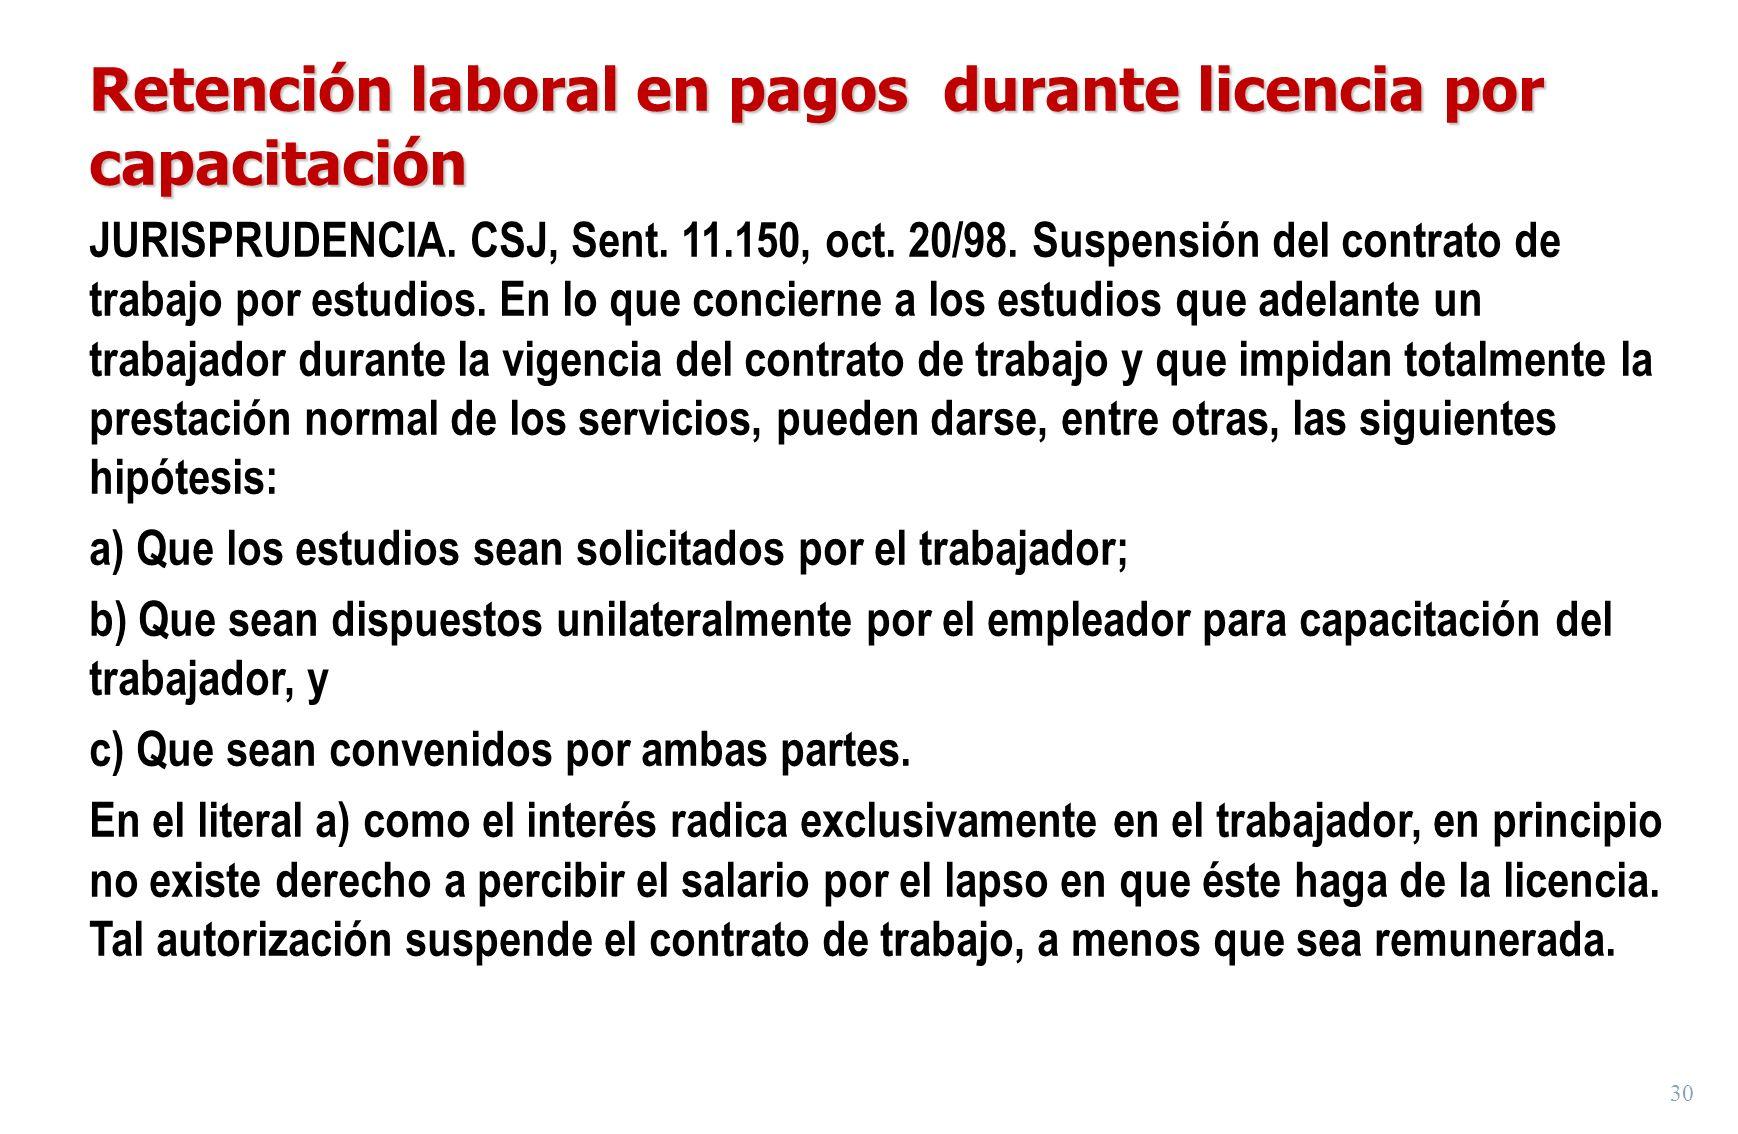 Retención laboral en pagos durante licencia por capacitación